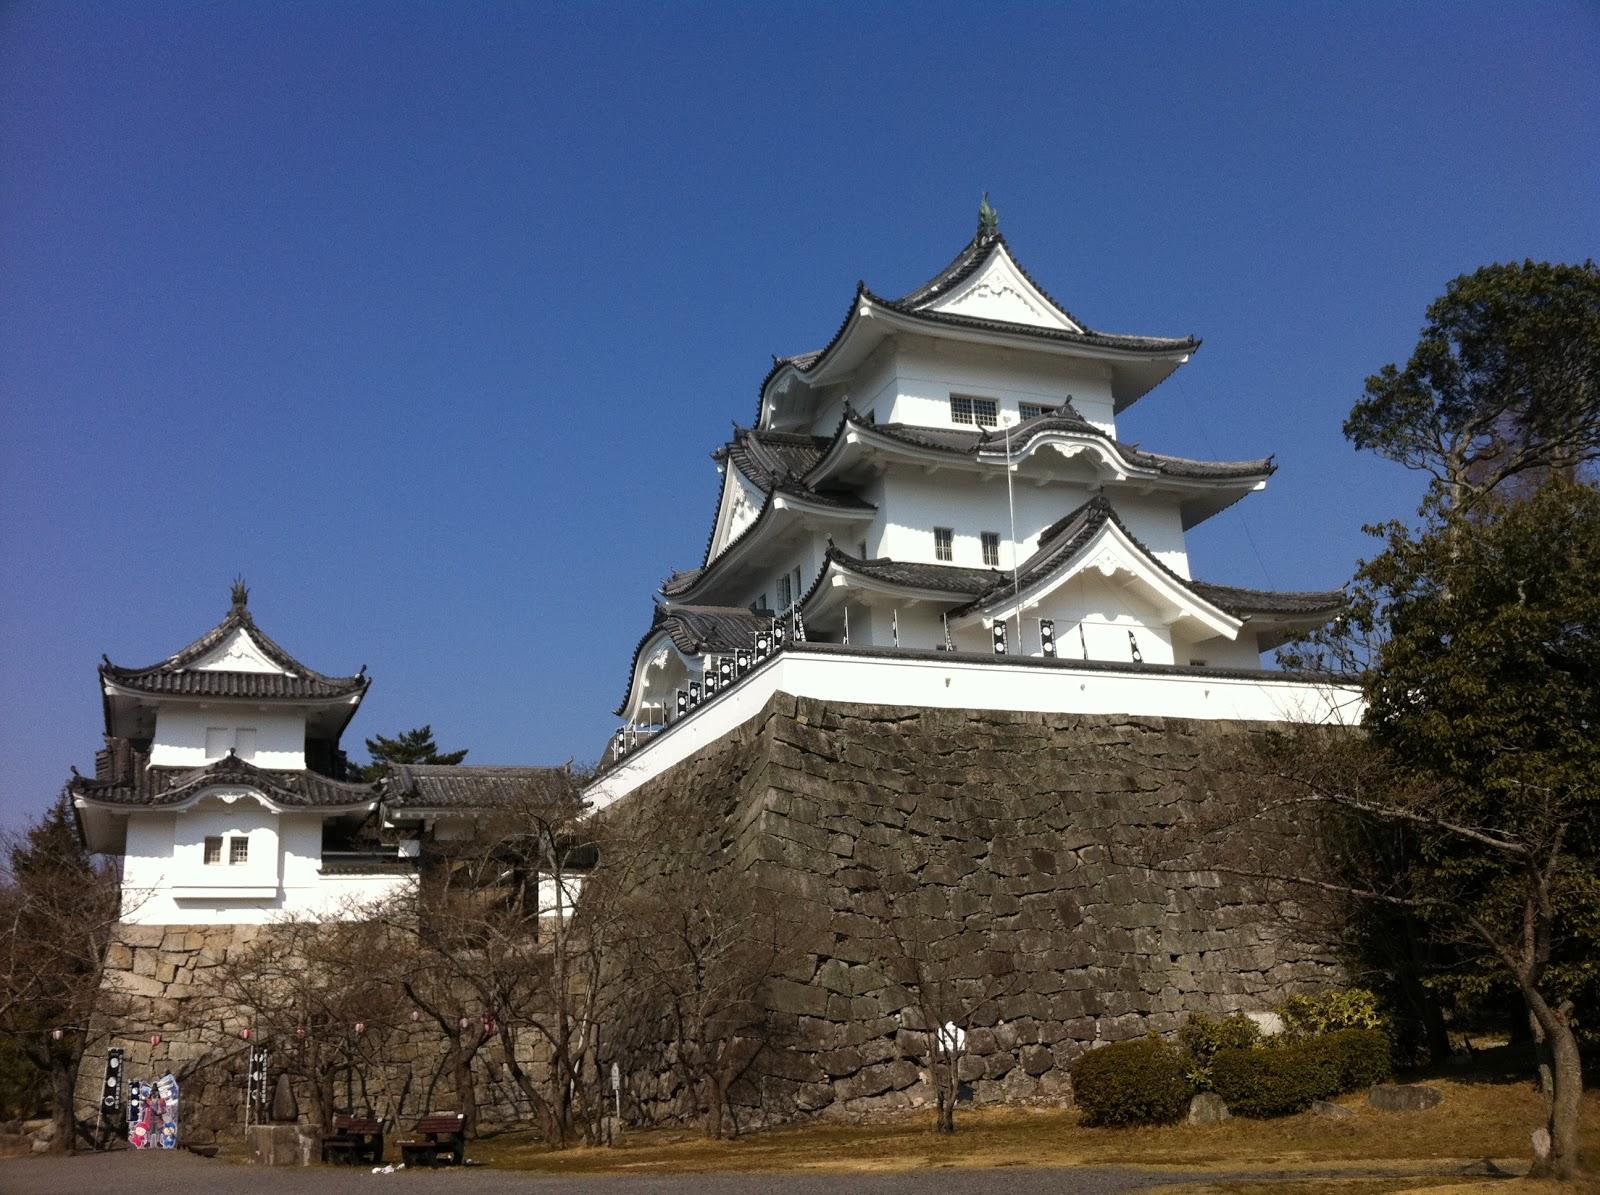 新米マネージャーの成長ブログ: 東京から奈良まで自転車の旅 ...